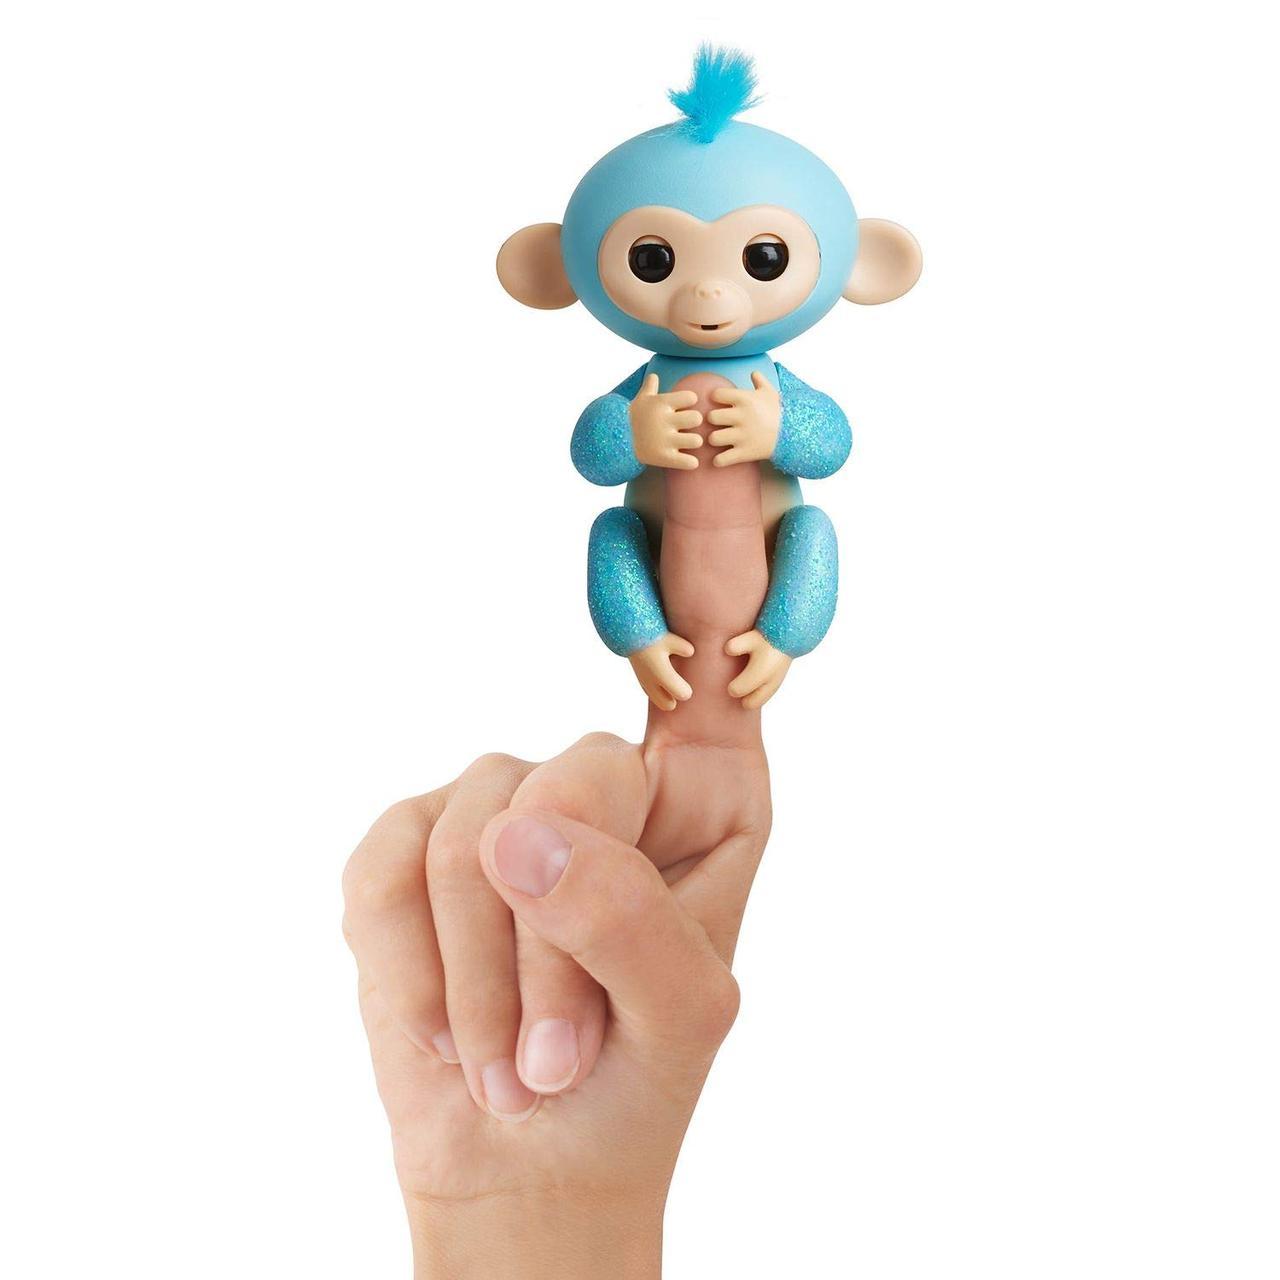 Интерактивная обезьянка Fingerlings на палец Амелия бирюзовая